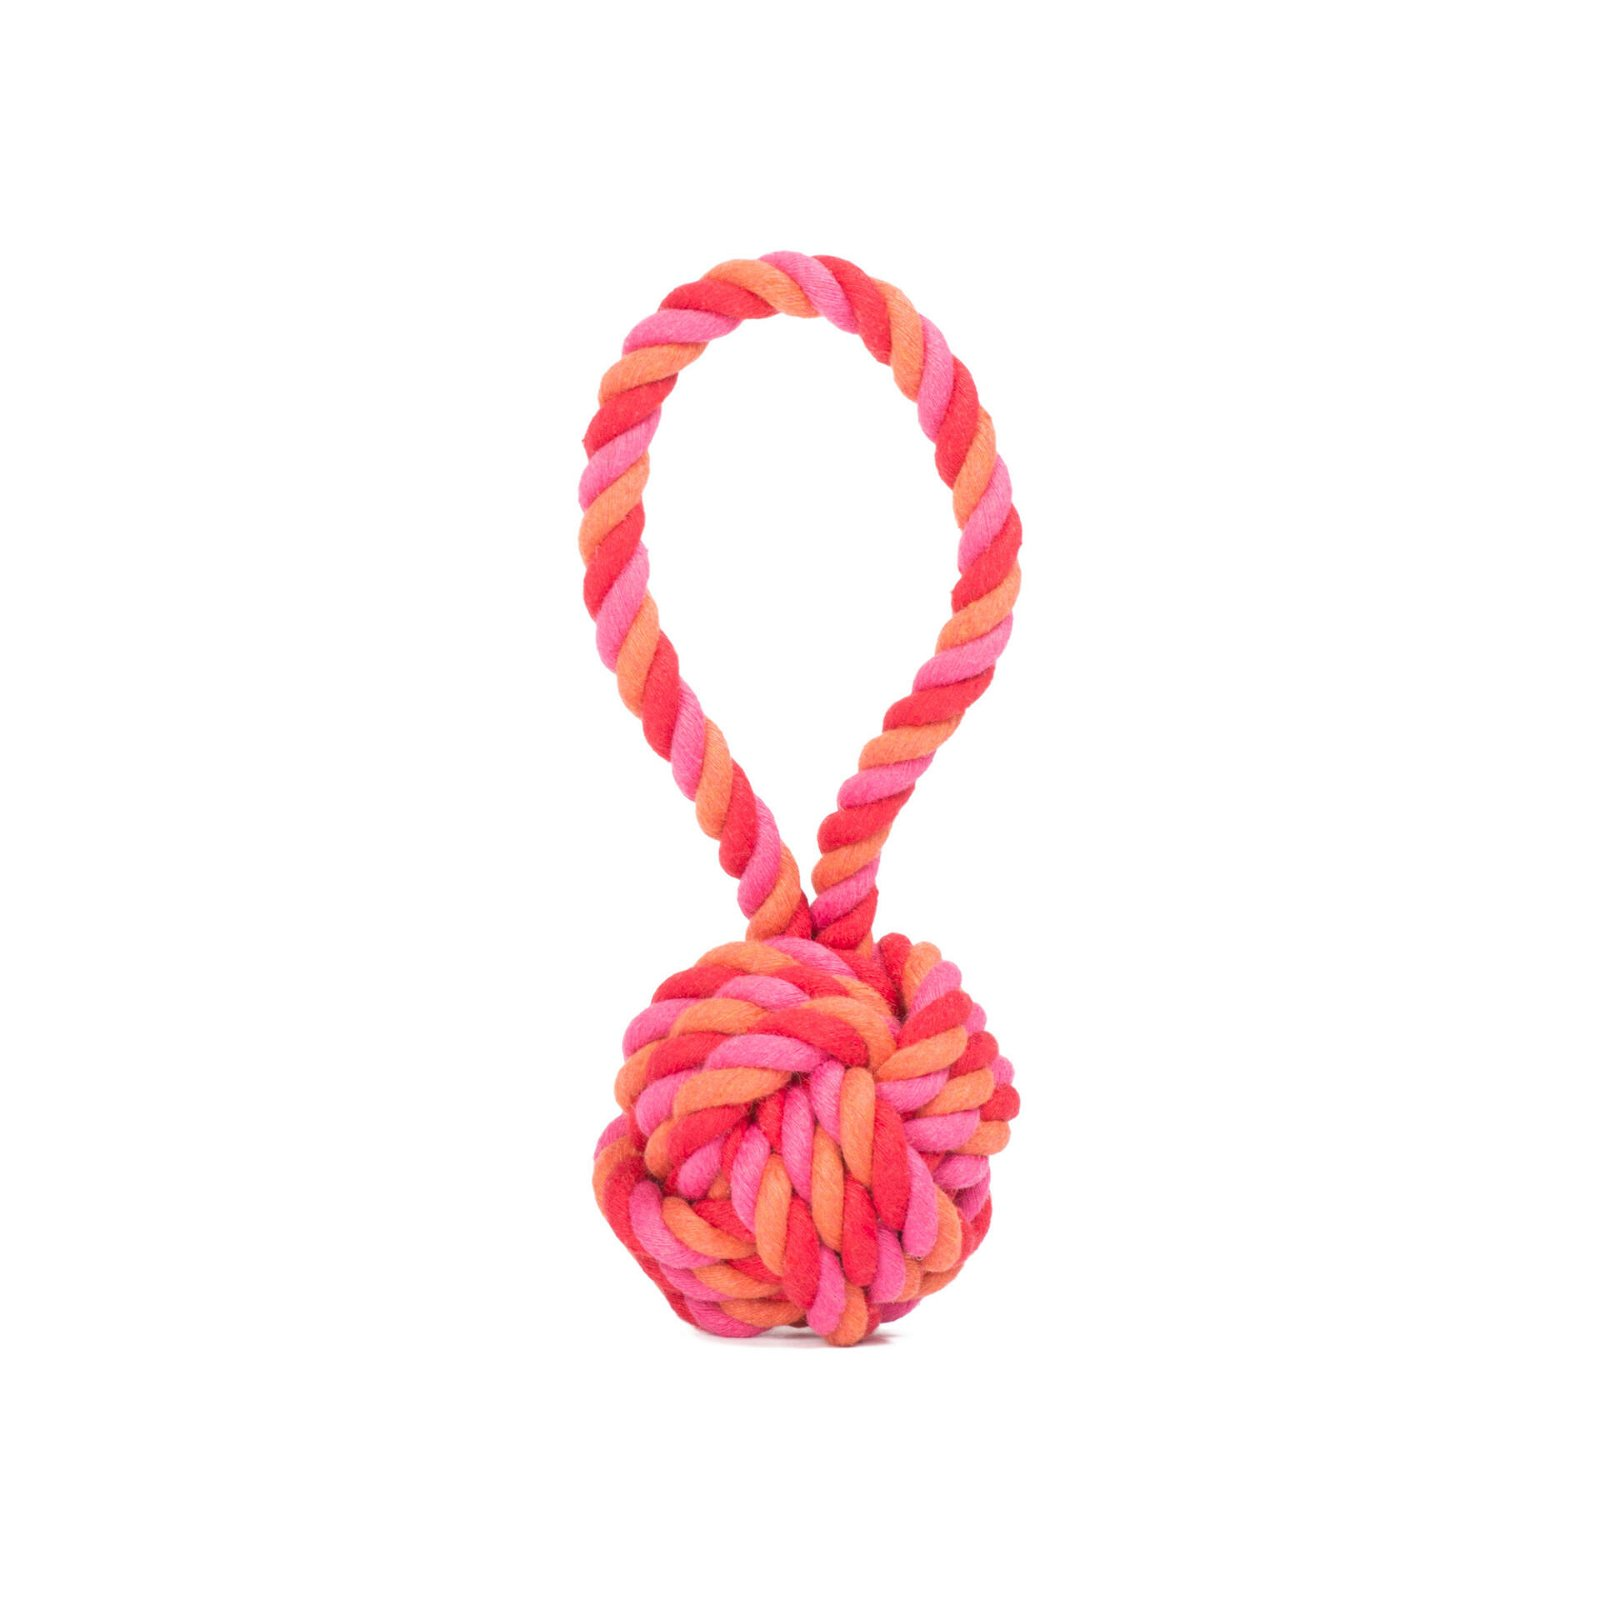 Hundespielzeug Max Schleuderball aus Baumwolltau - Pink/Rosa, zahnpflegend und robust, (B/H/T) 9x9x22 cm